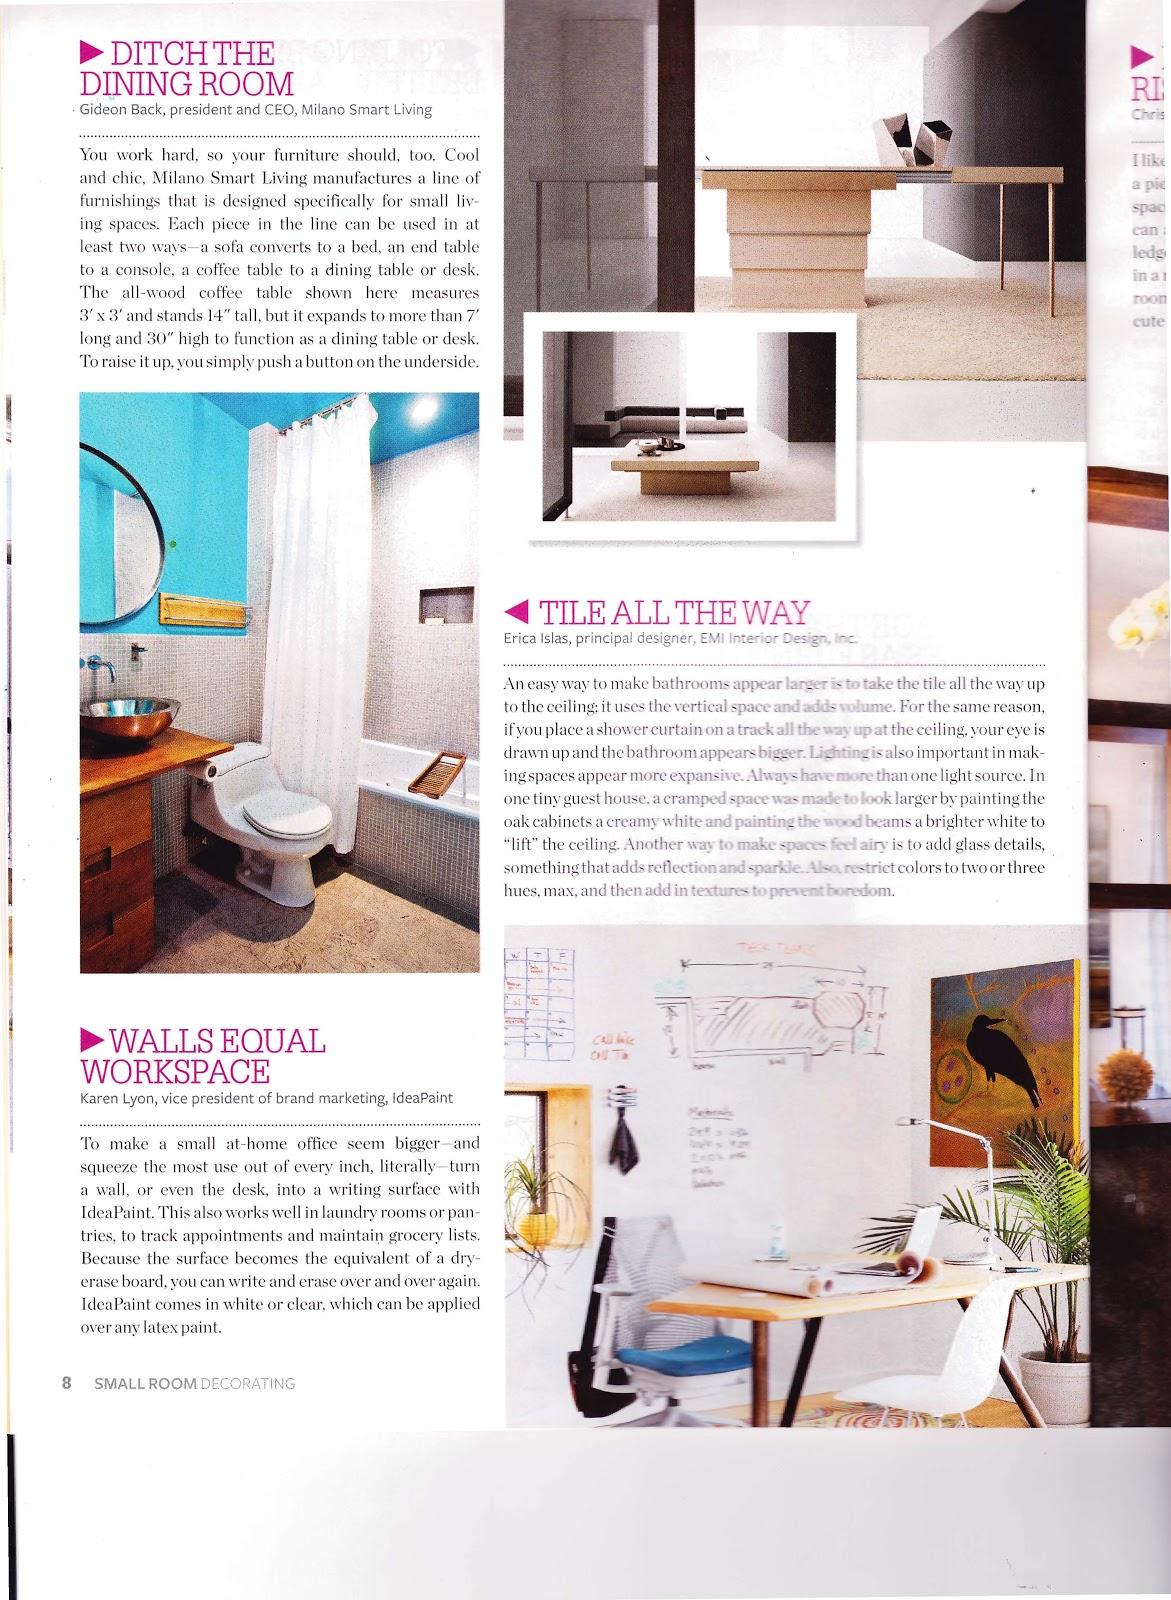 EMI Interior Design, Inc: Small Room Decorating Magazine 2013